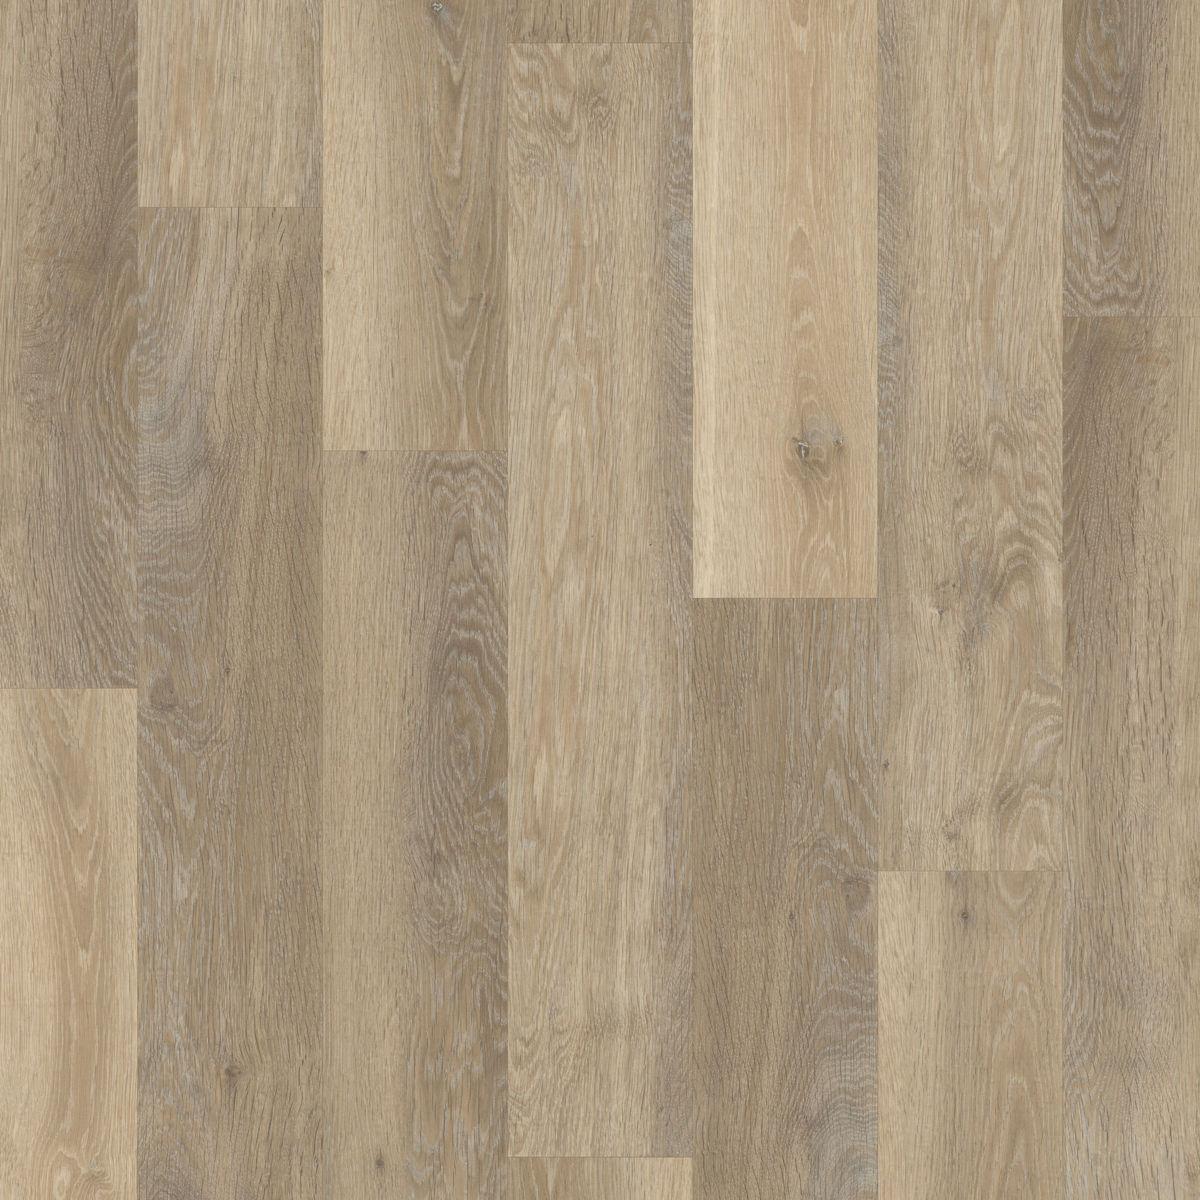 karndean knight tile lime washed oak kp99 vinyl flooring. Black Bedroom Furniture Sets. Home Design Ideas